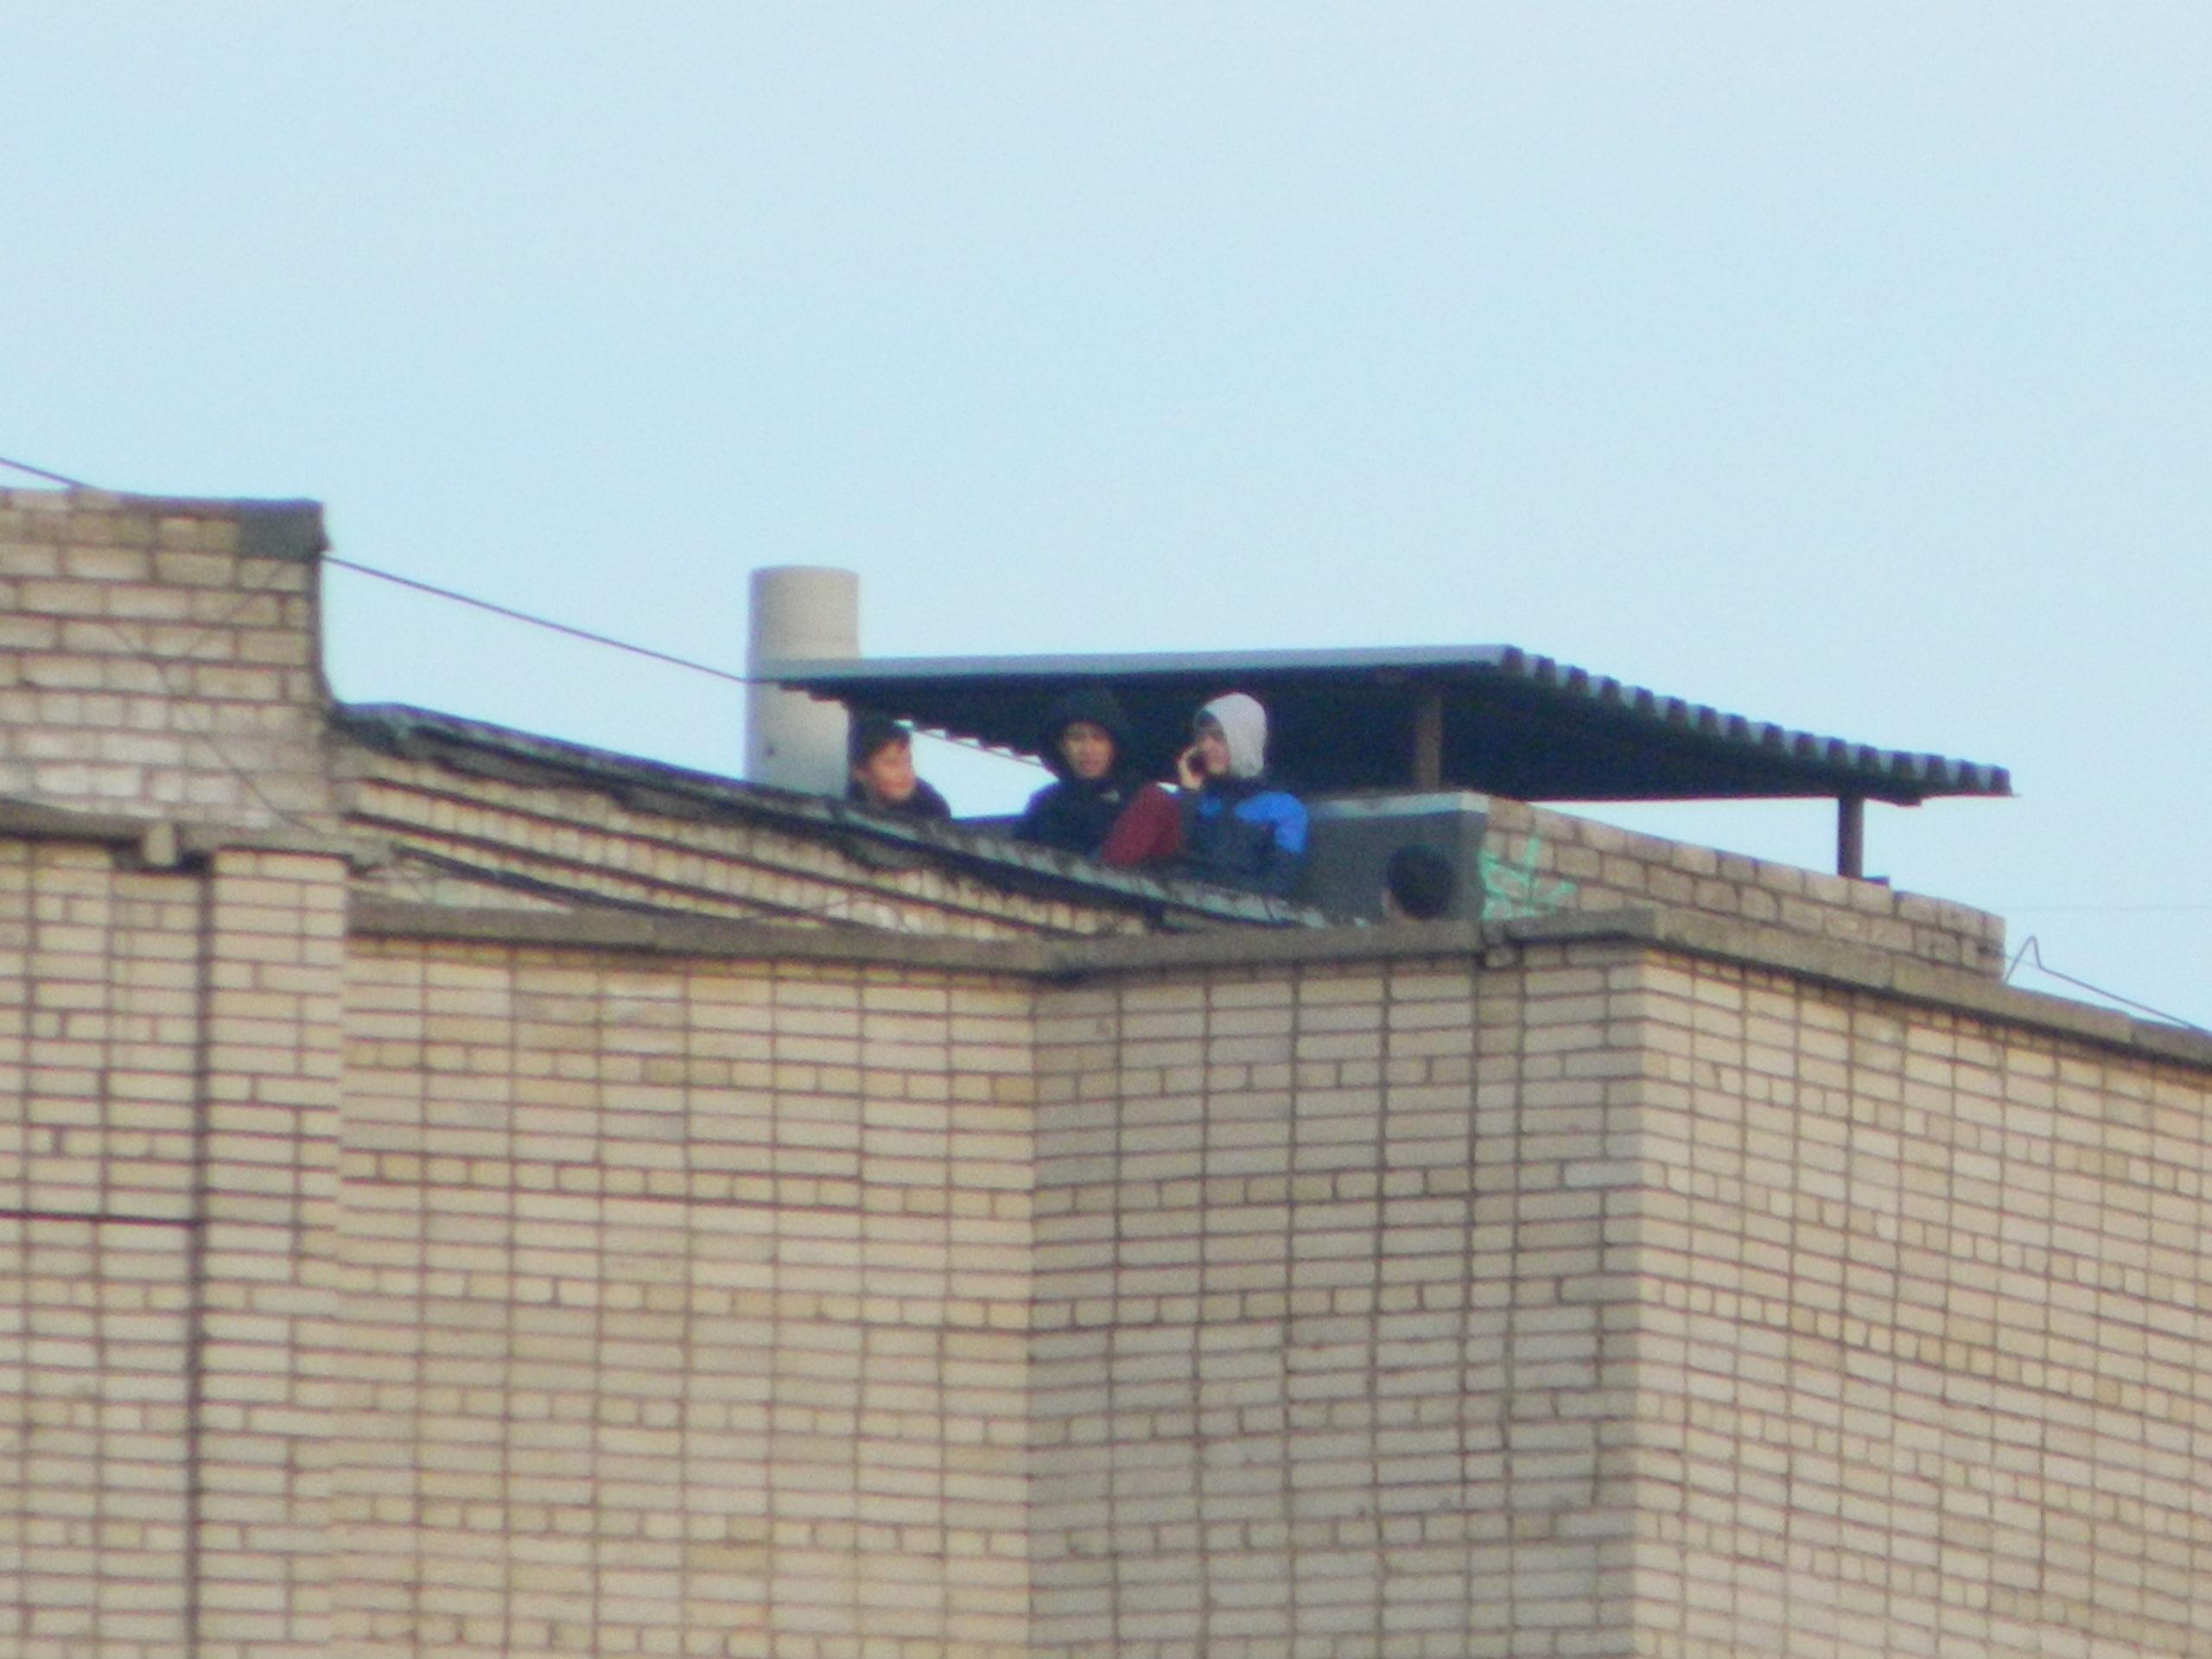 В Уфе школьники разгуливали по крыше многоэтажки